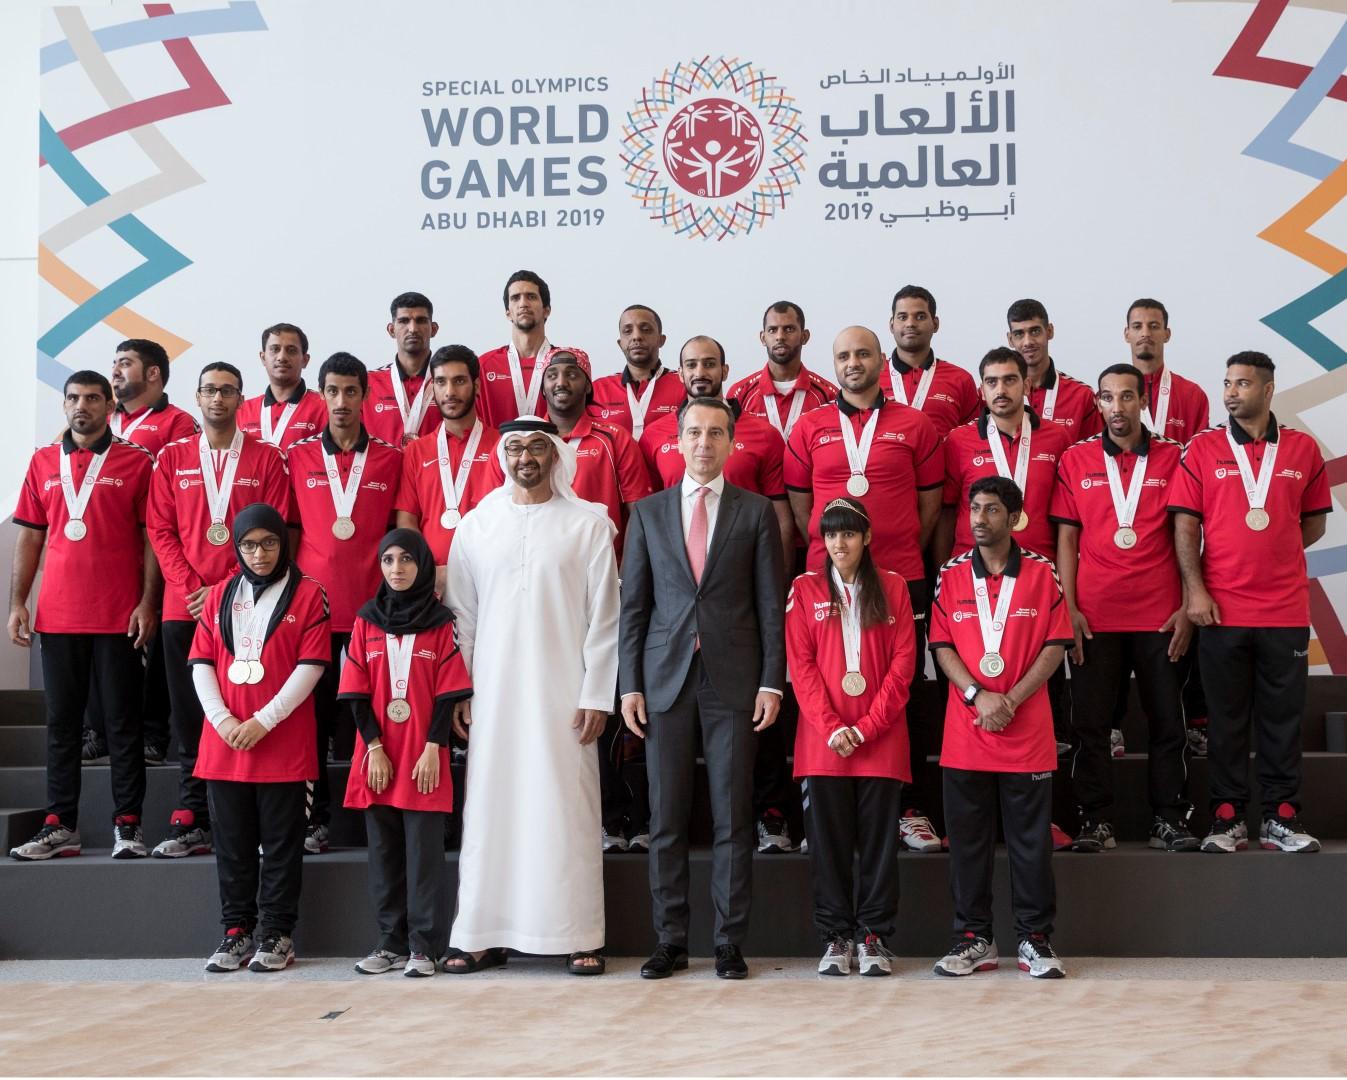 محمد بن زايد يتسلم علم دورة الأولمبياد الخاص 7